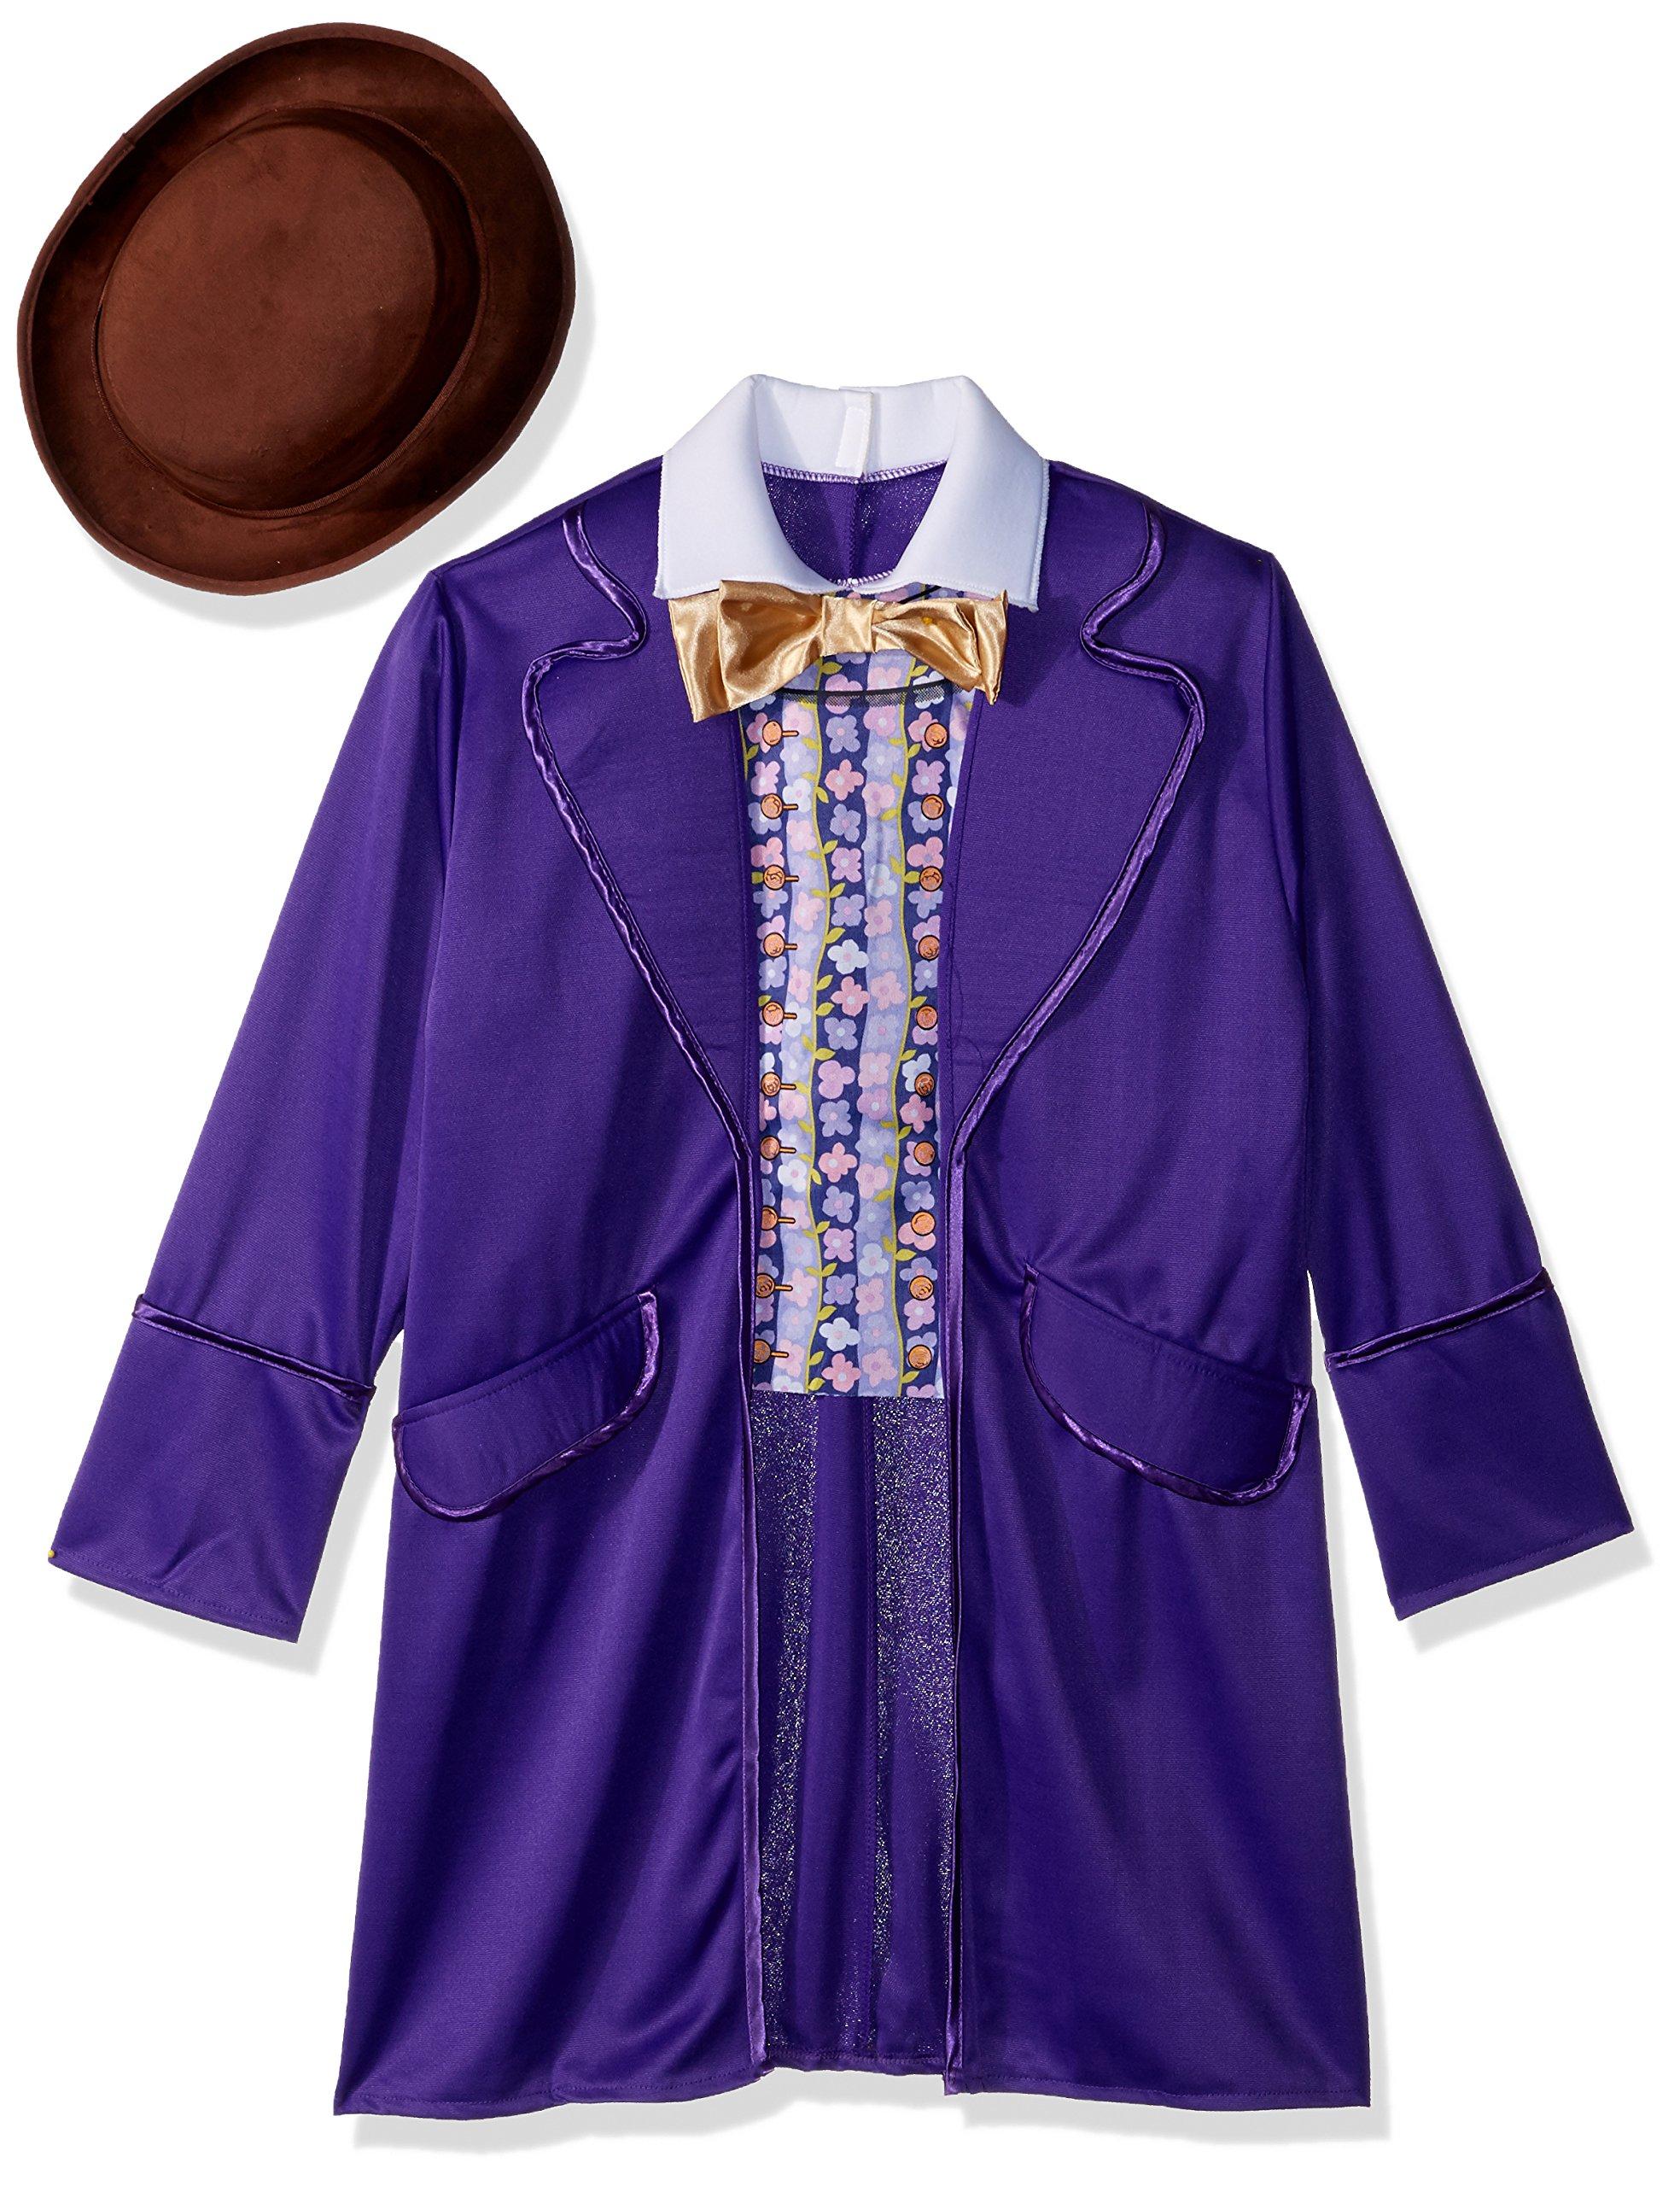 Rubie's Costume Kids Willy Wonka & The Chocolate Factory Willy Wonka Value Costume, Medium